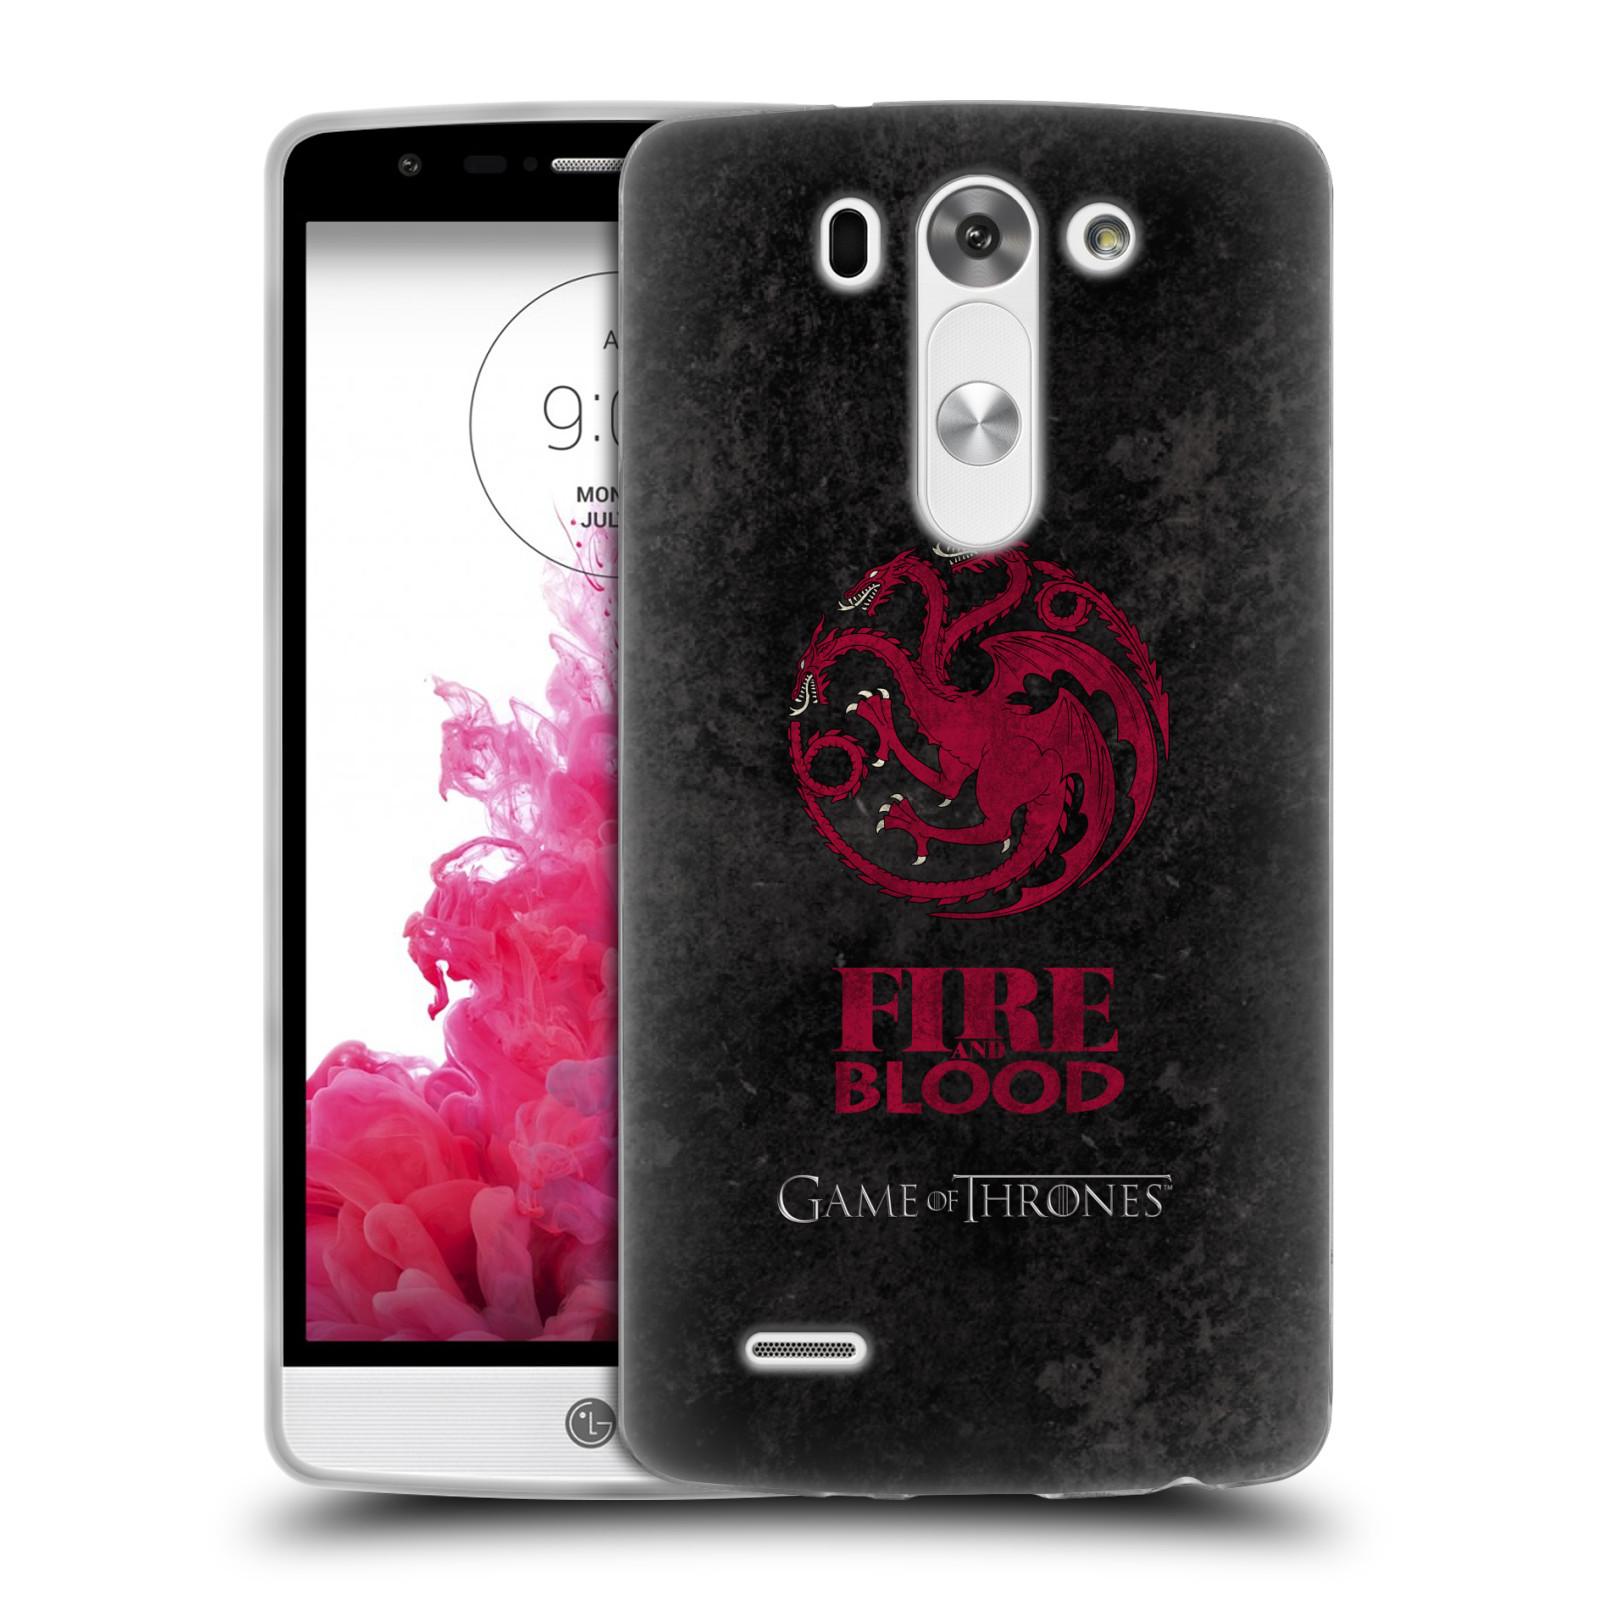 Silikonové pouzdro na mobil LG G3s HEAD CASE Hra o trůny - Sigils Targaryen - Fire and Blood (Silikonový kryt či obal na mobilní telefon s licencovaným motivem Hra o trůny - Game Of Thrones pro LG G3s)